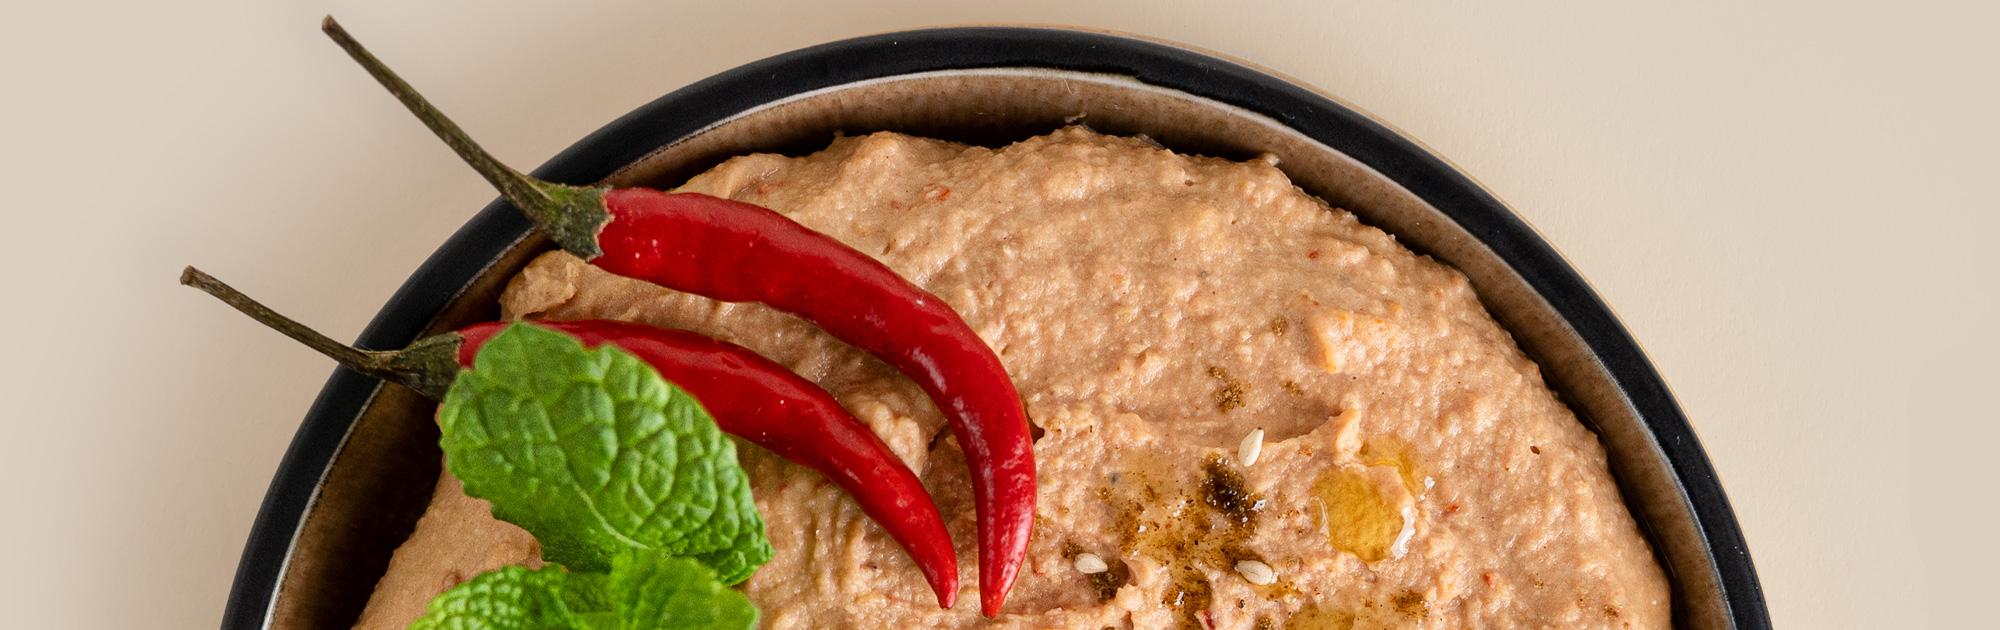 Hummus mit Chili und Kreuzkümmel